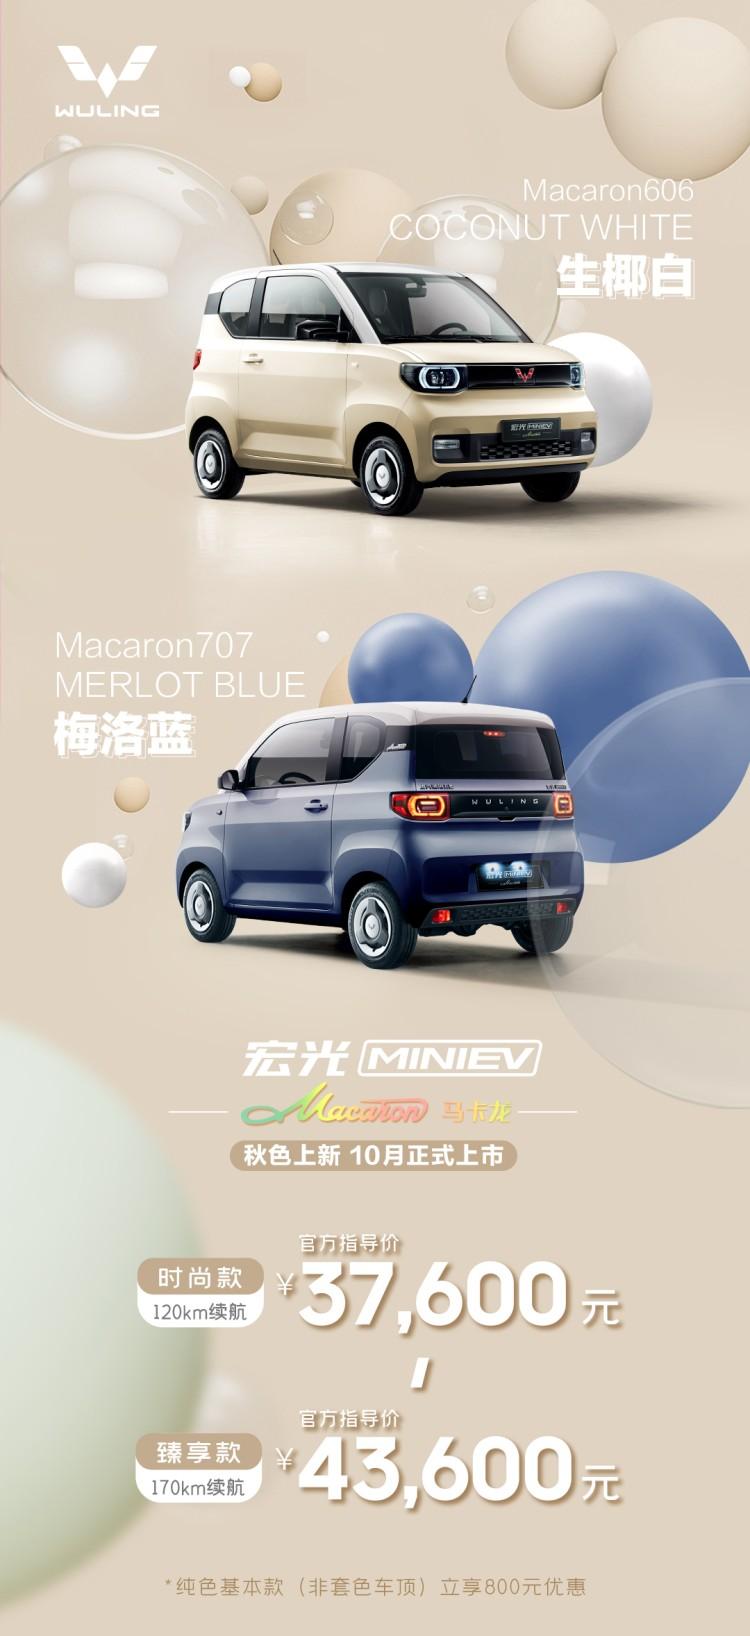 3.76万起 五菱宏光MINIEV马卡龙秋色版公布价格